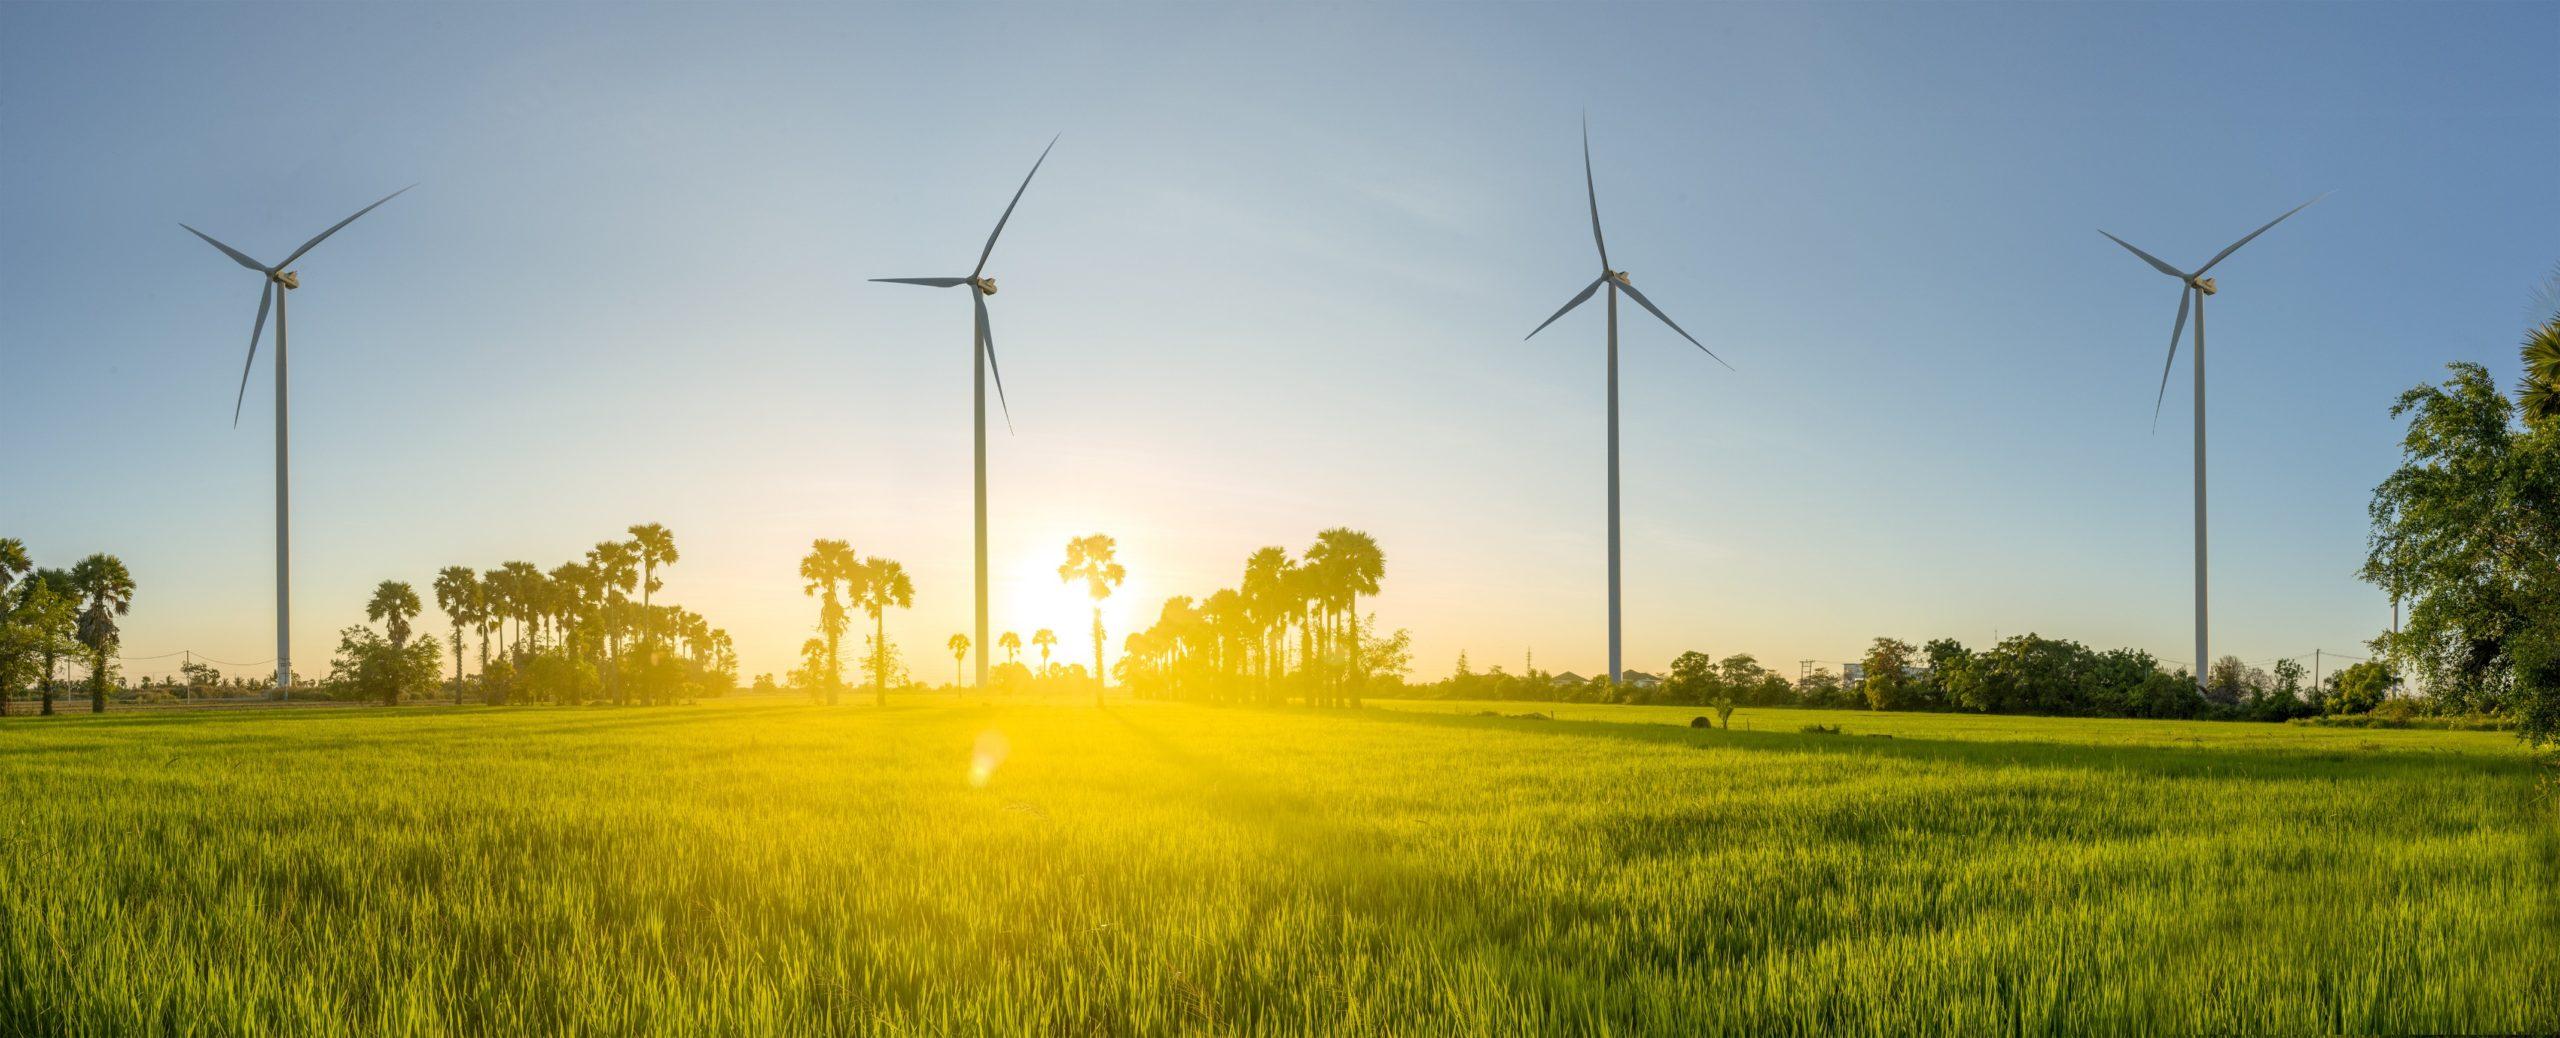 milieu afval energie